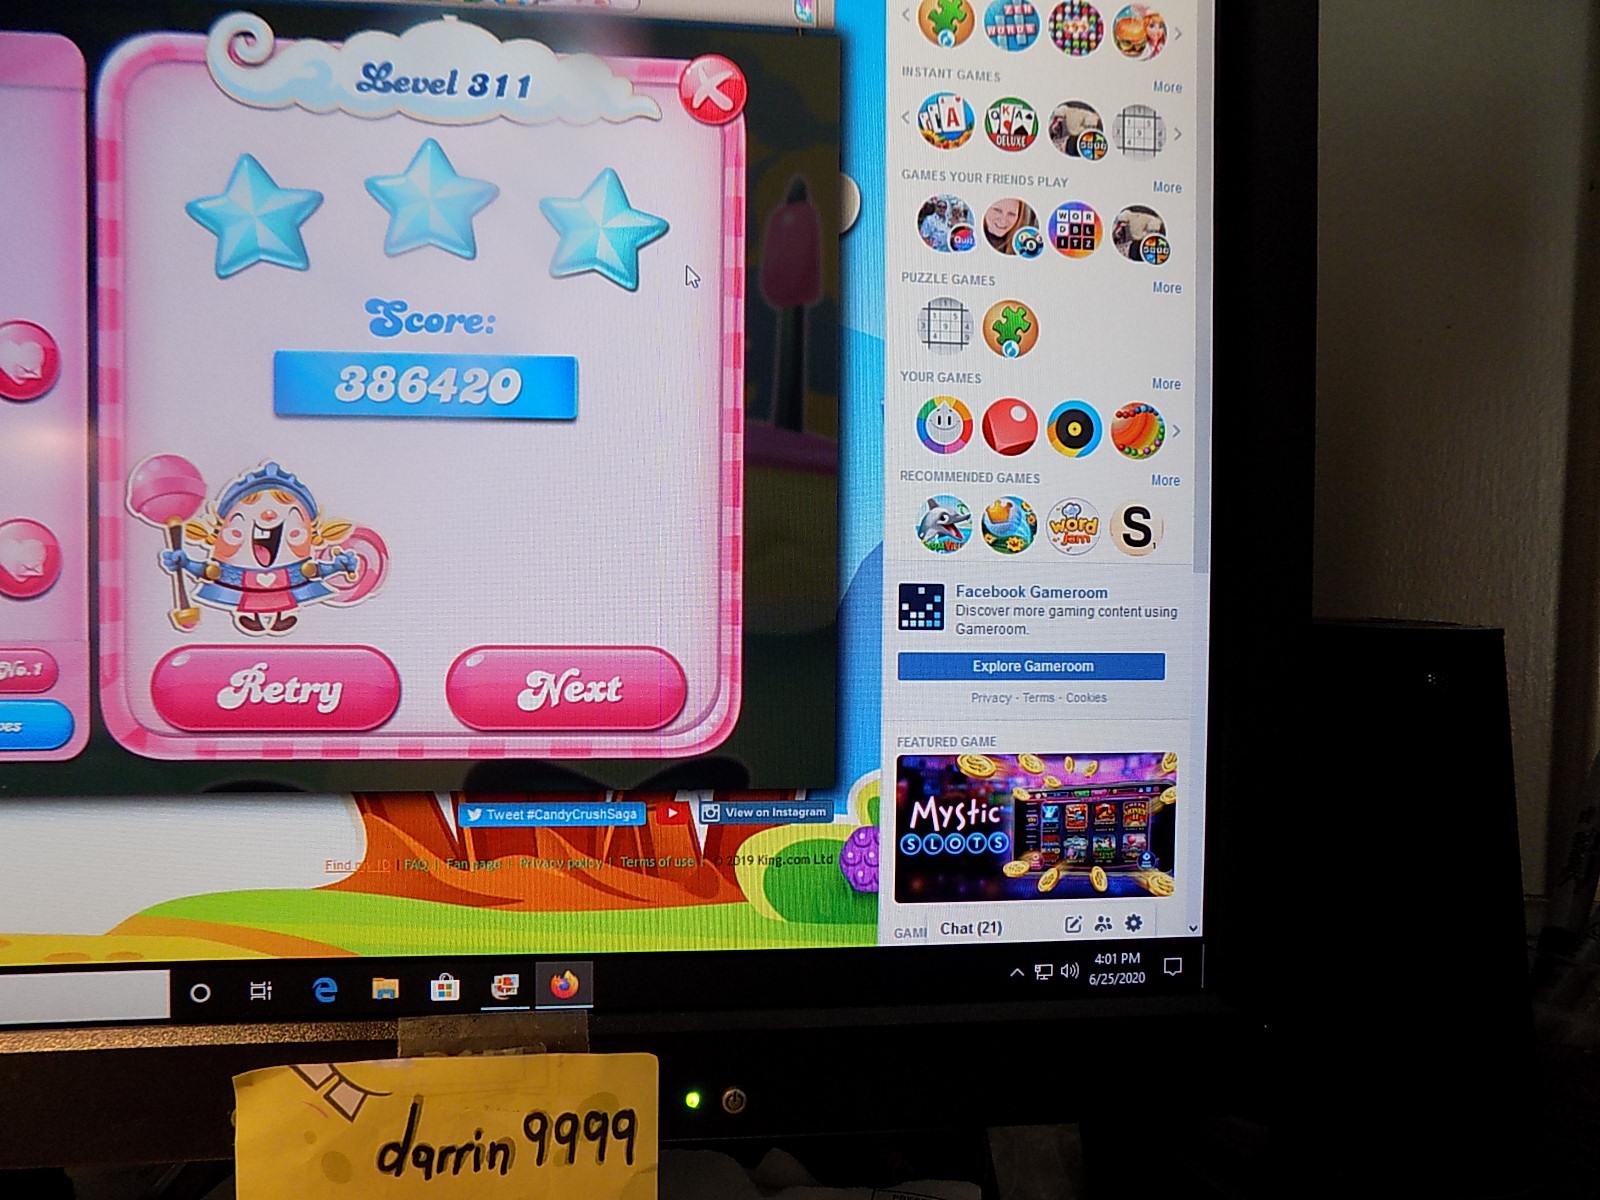 darrin9999: Candy Crush Saga: Level 311 (Web) 386,420 points on 2020-08-02 16:19:45